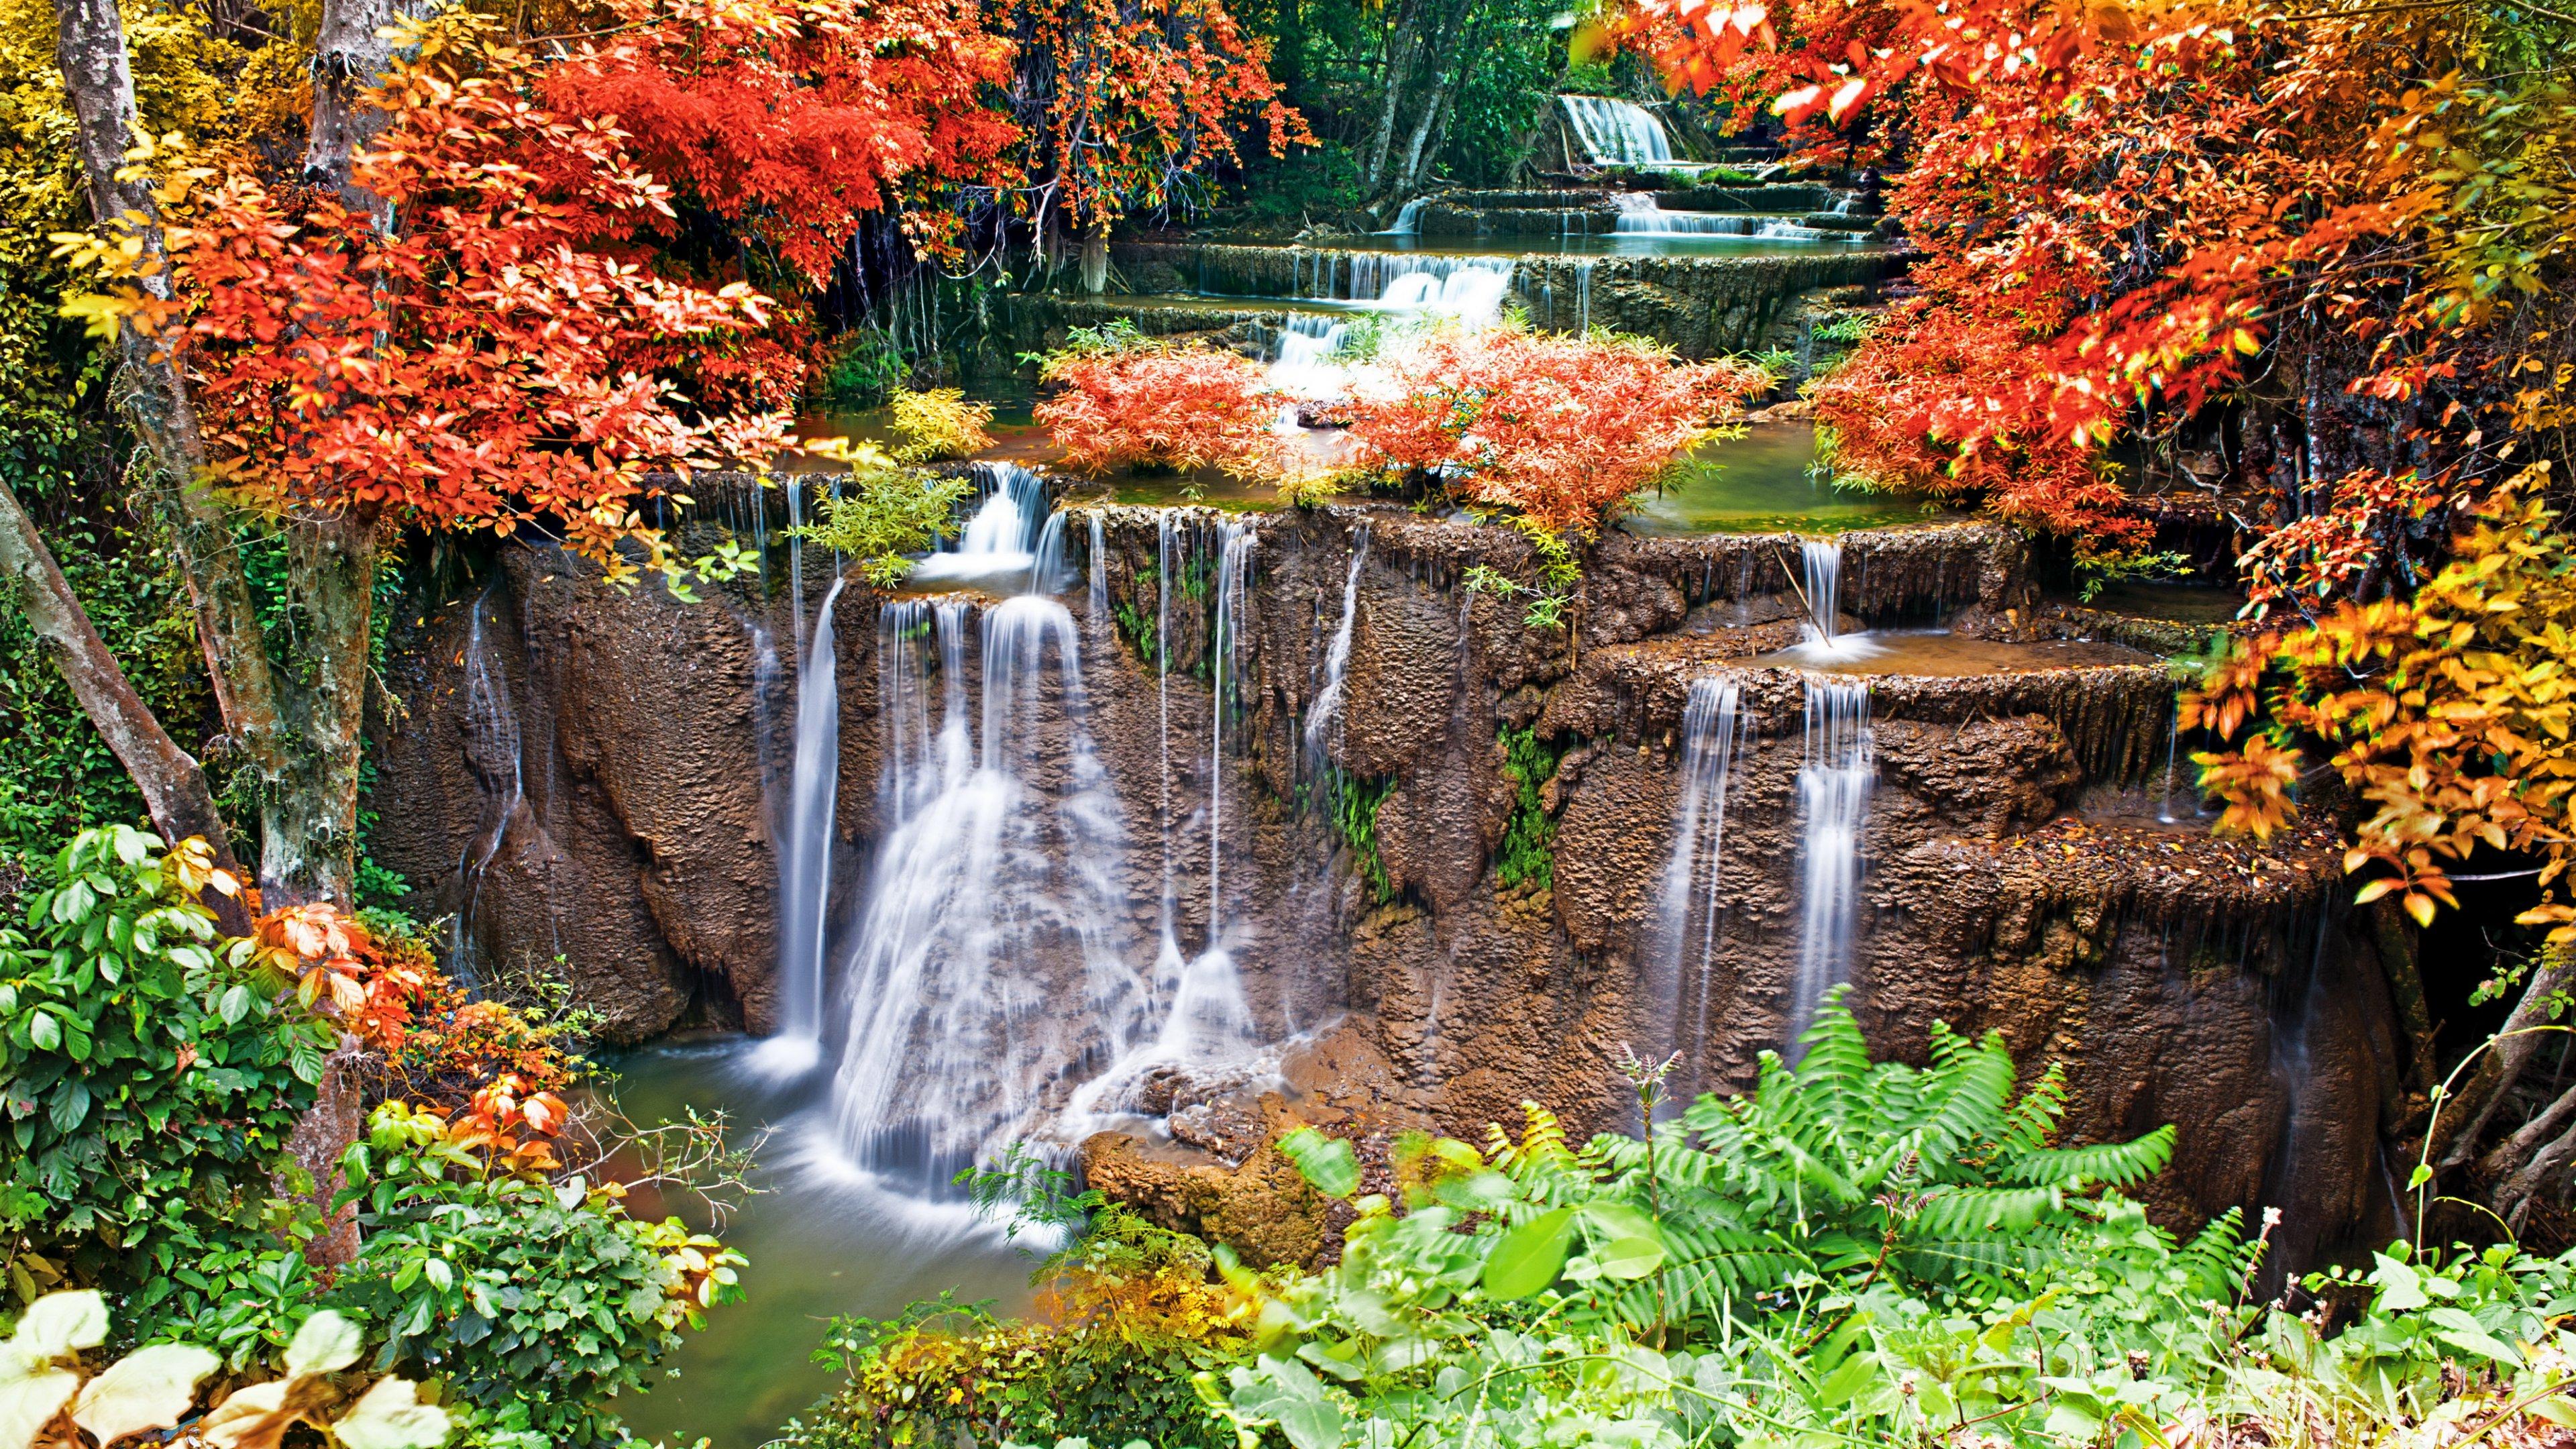 風景滝 4k壁紙 Com